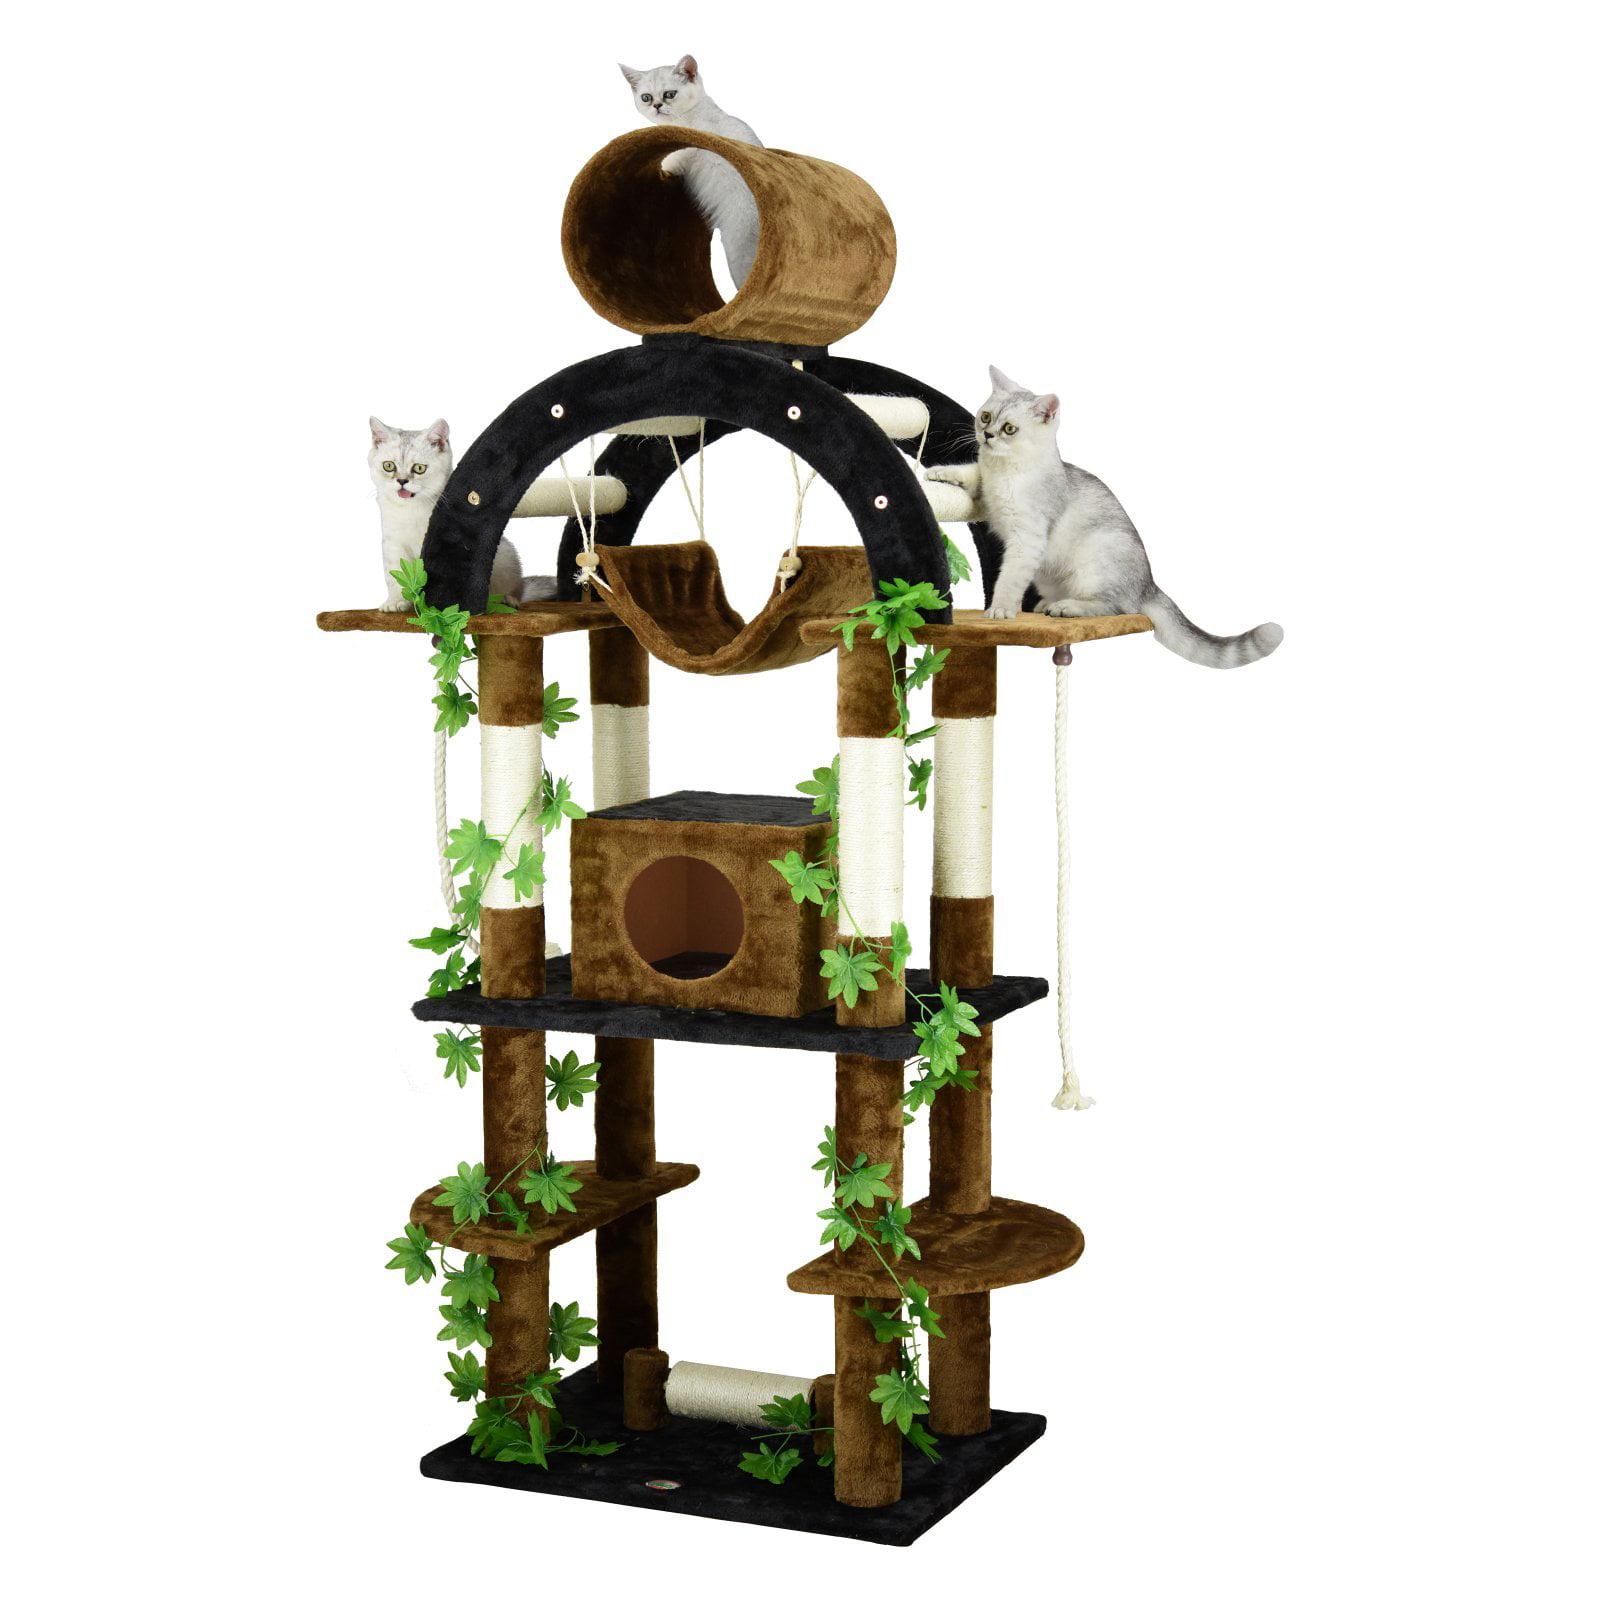 Go Pet Club 71 in. Cat Tree